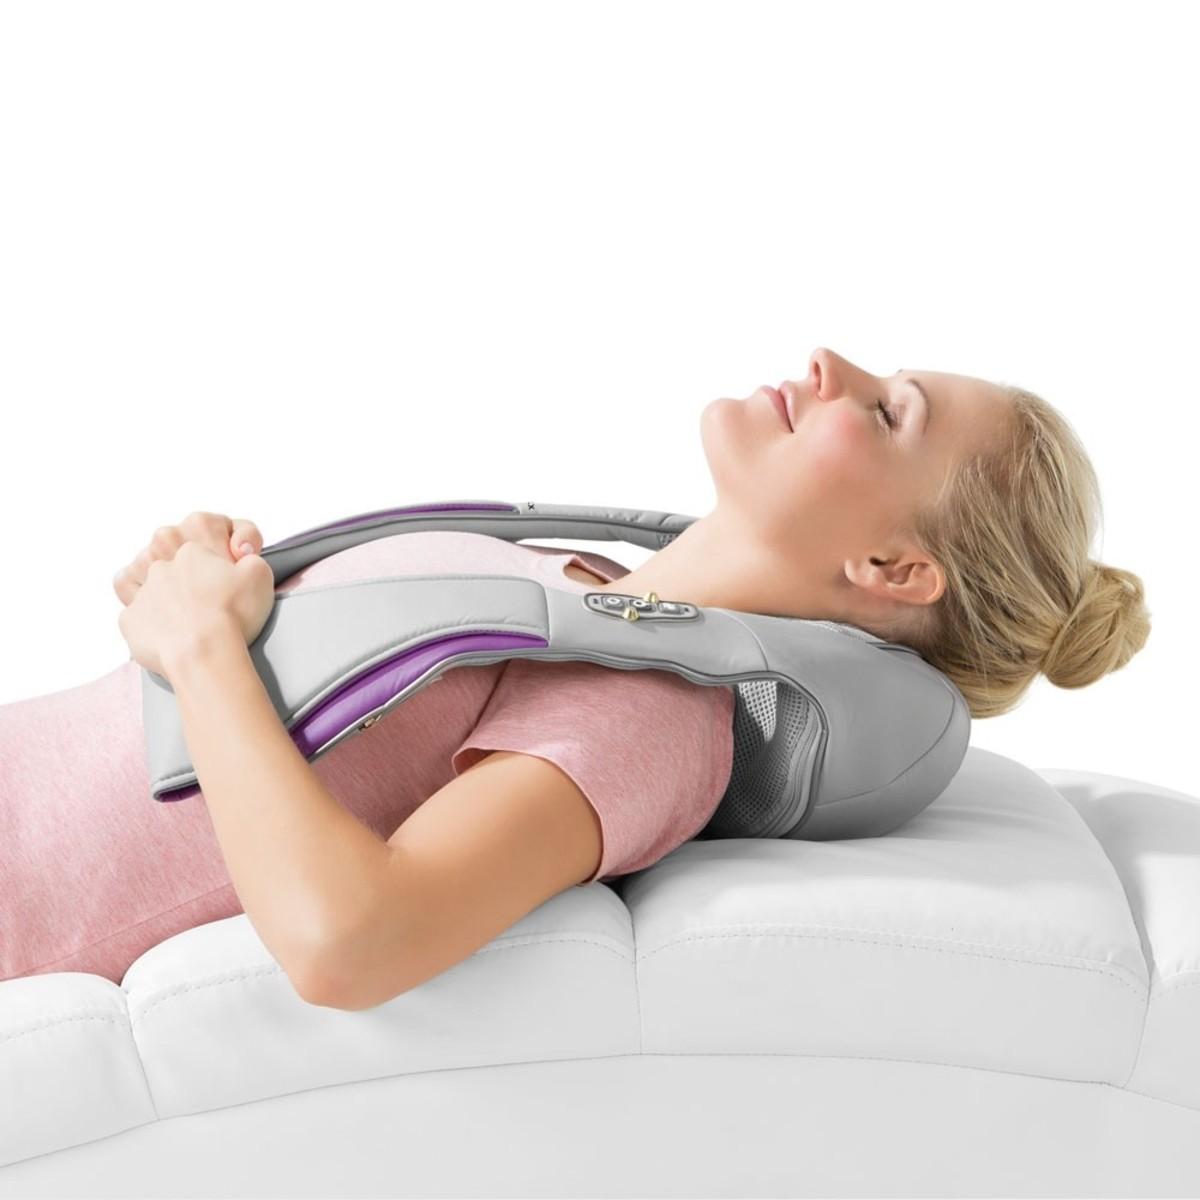 Bild 3 von VITALmaxx Shiatsu-Massagegerät